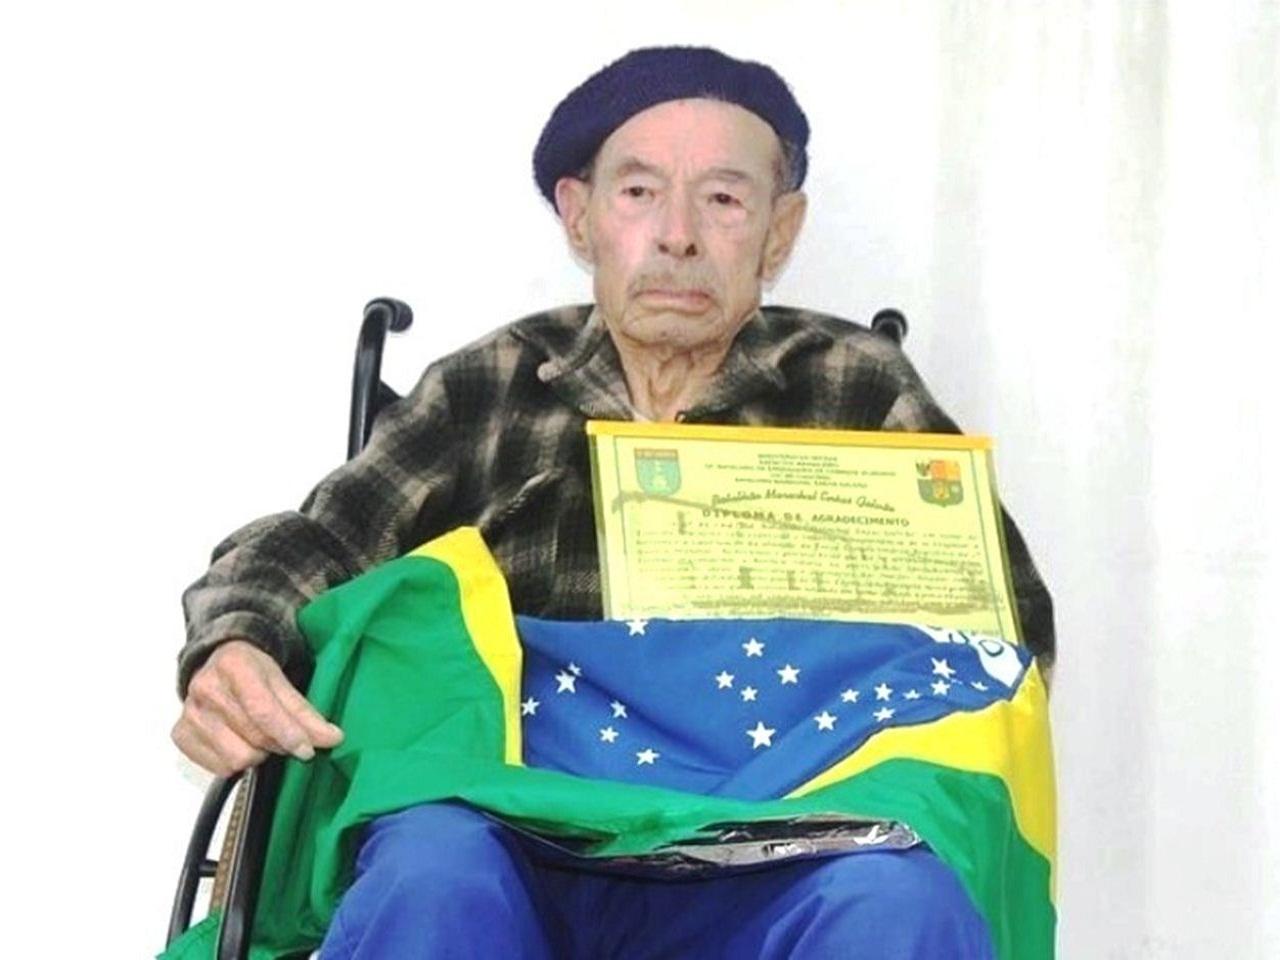 Exército presta homenagens de despedidas ao Sr. Alceu Alves Macedo, último herói brasileiro da 2ª Guerra Mundial nascido em Alegrete (RS)